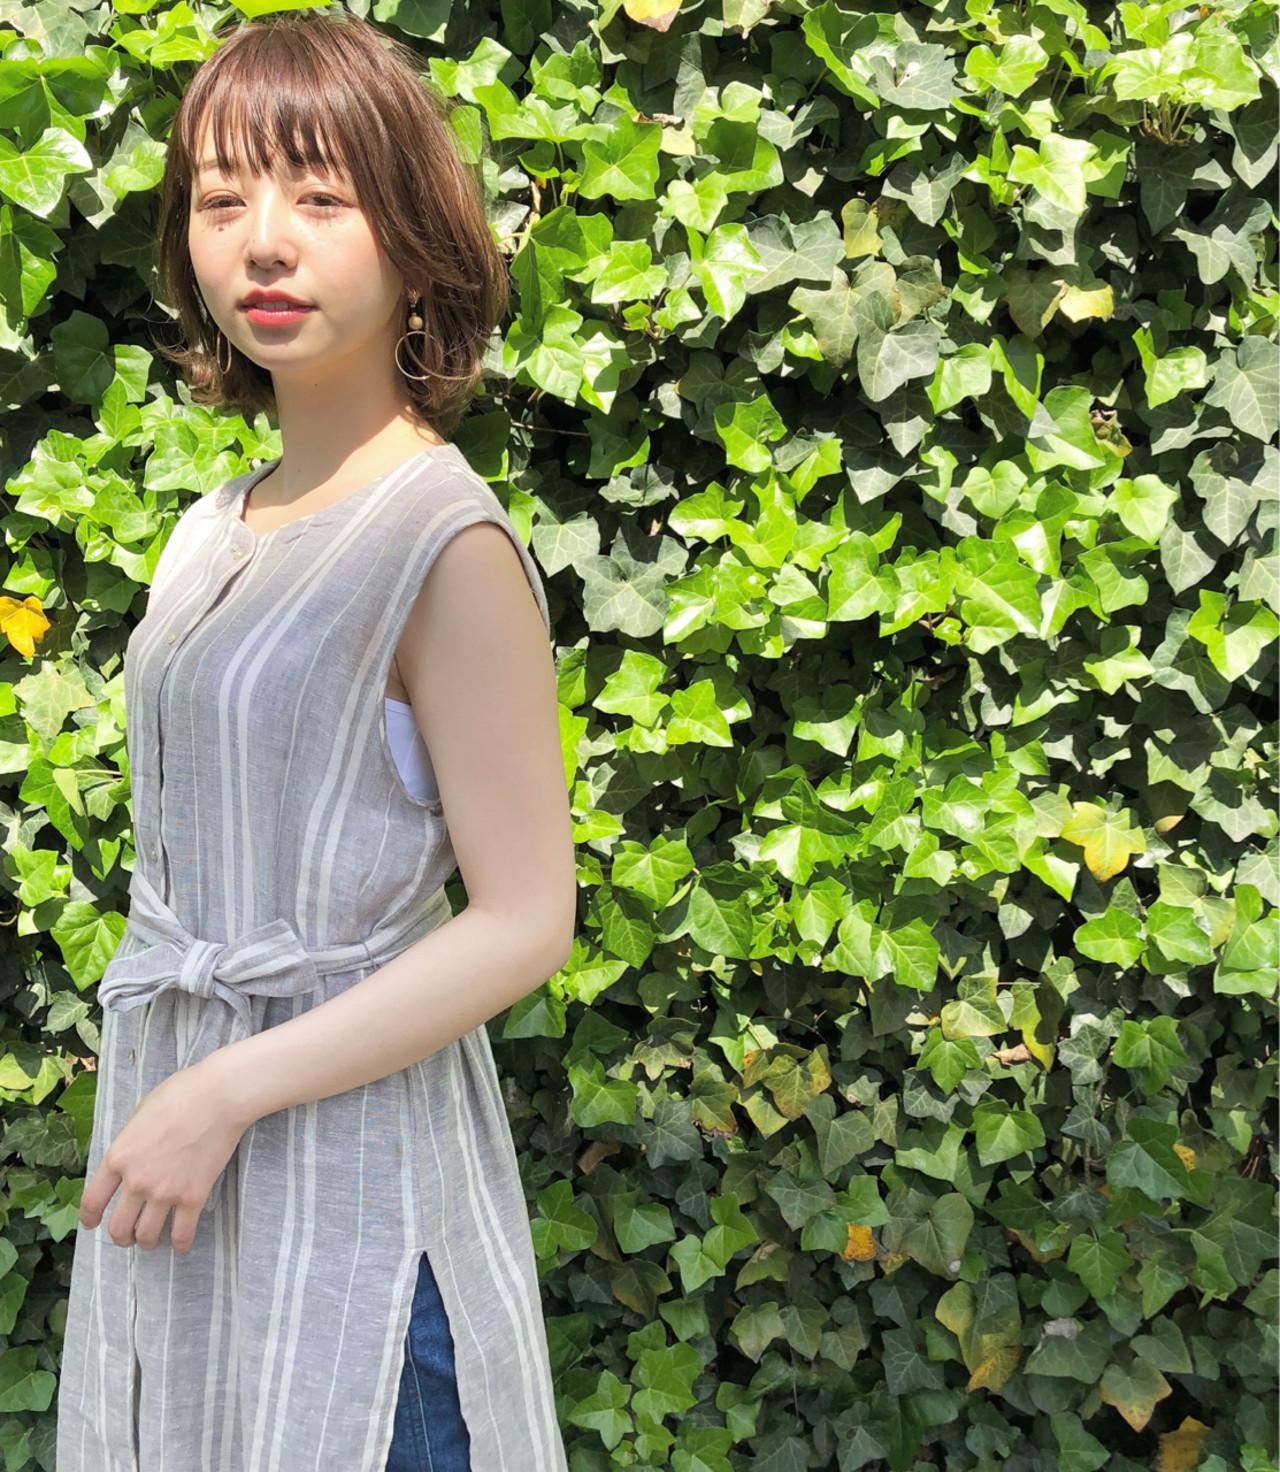 ボブ 色気 ショート ゆるふわ ヘアスタイルや髪型の写真・画像 | ナガヤ アキラ joemi 新宿 / joemi by Un ami